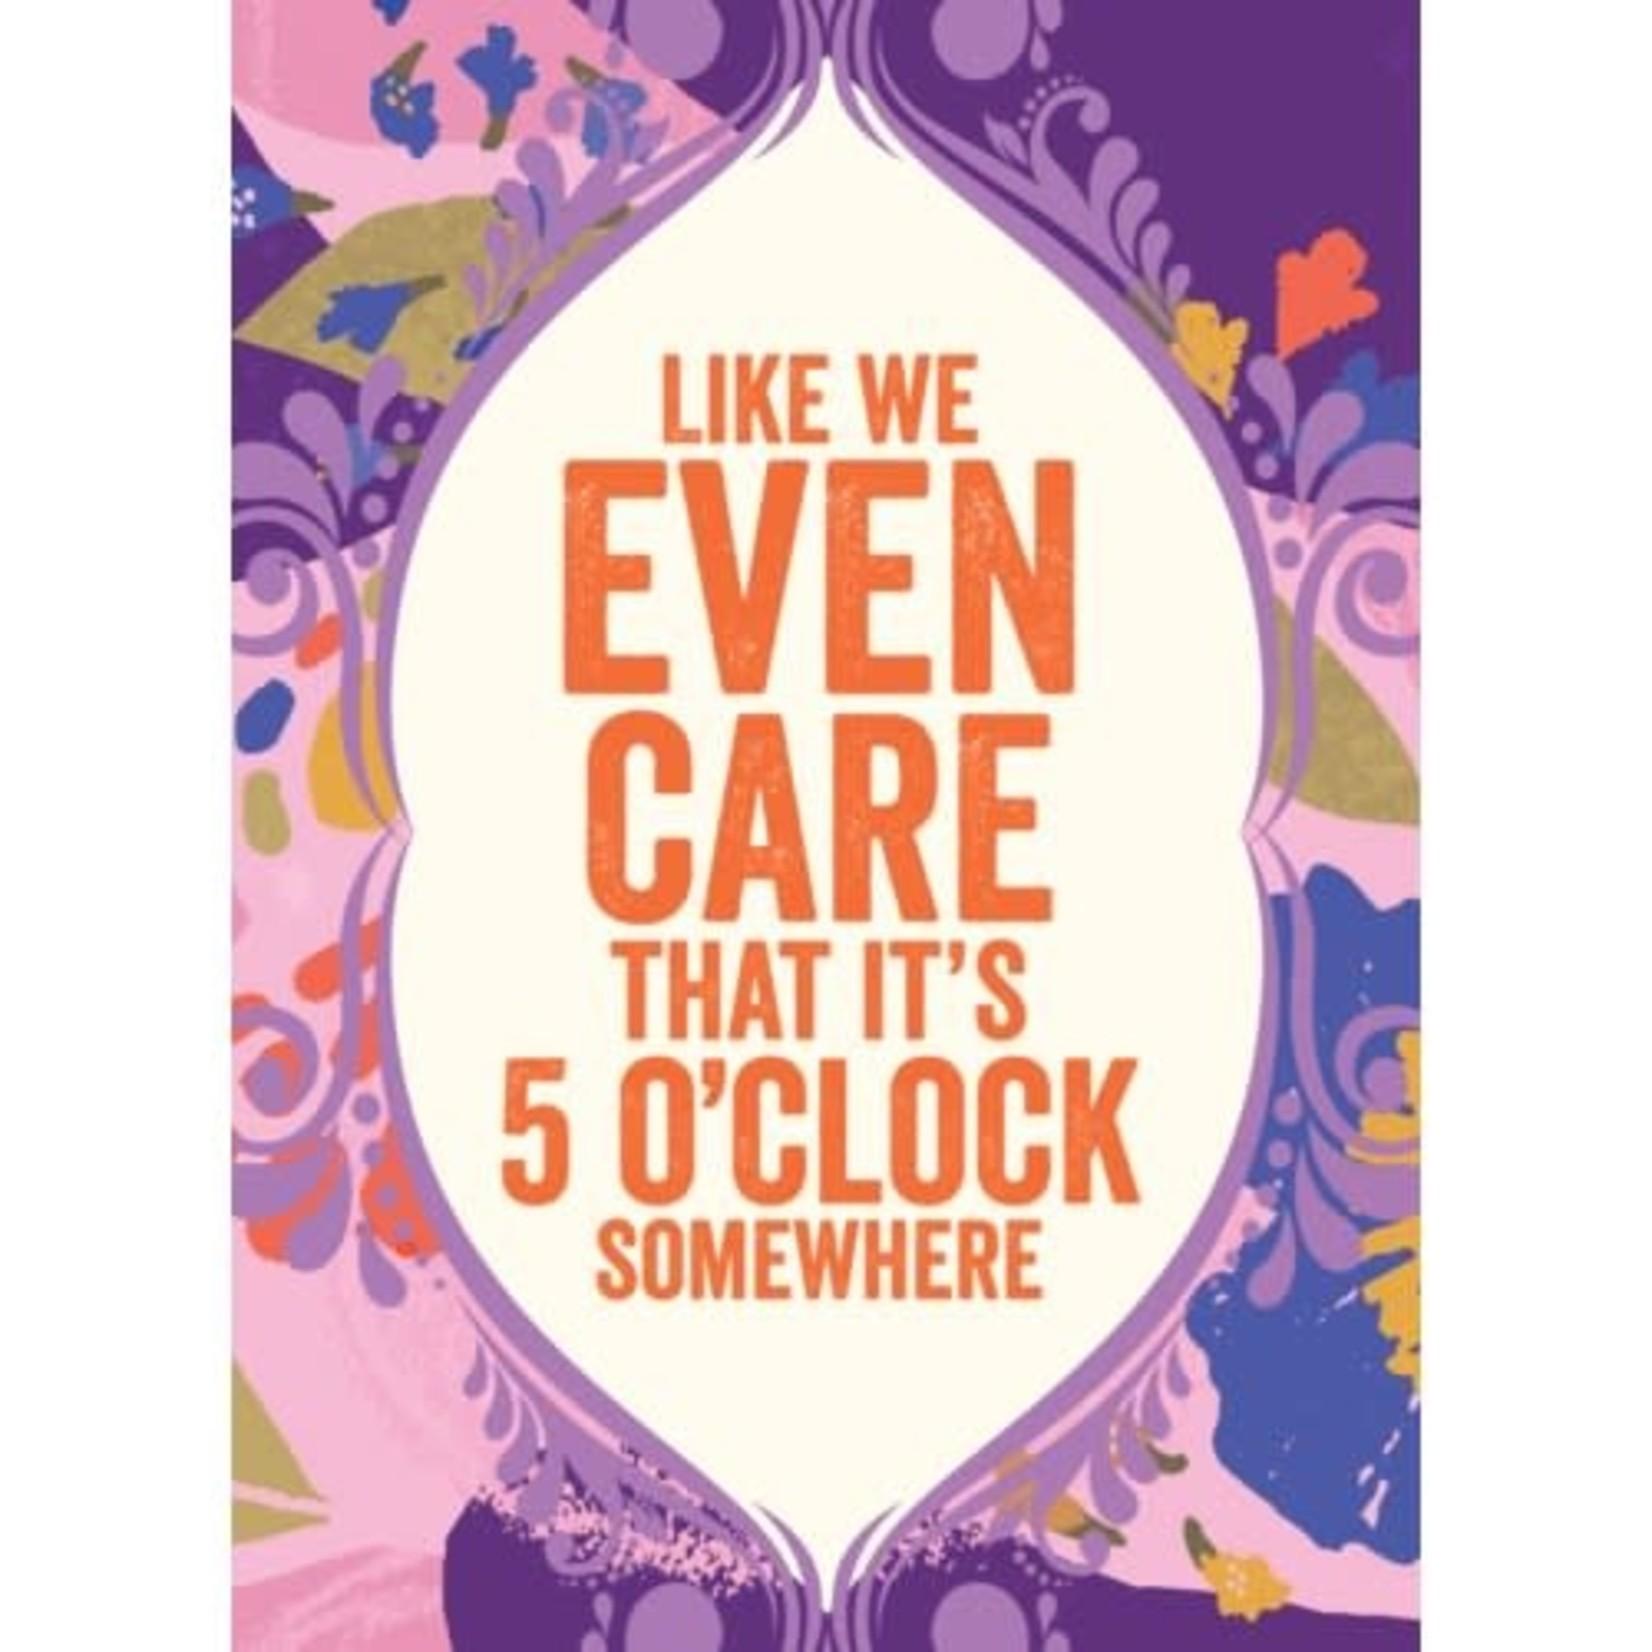 5 O'CLOCK SOMEWHERE CARD